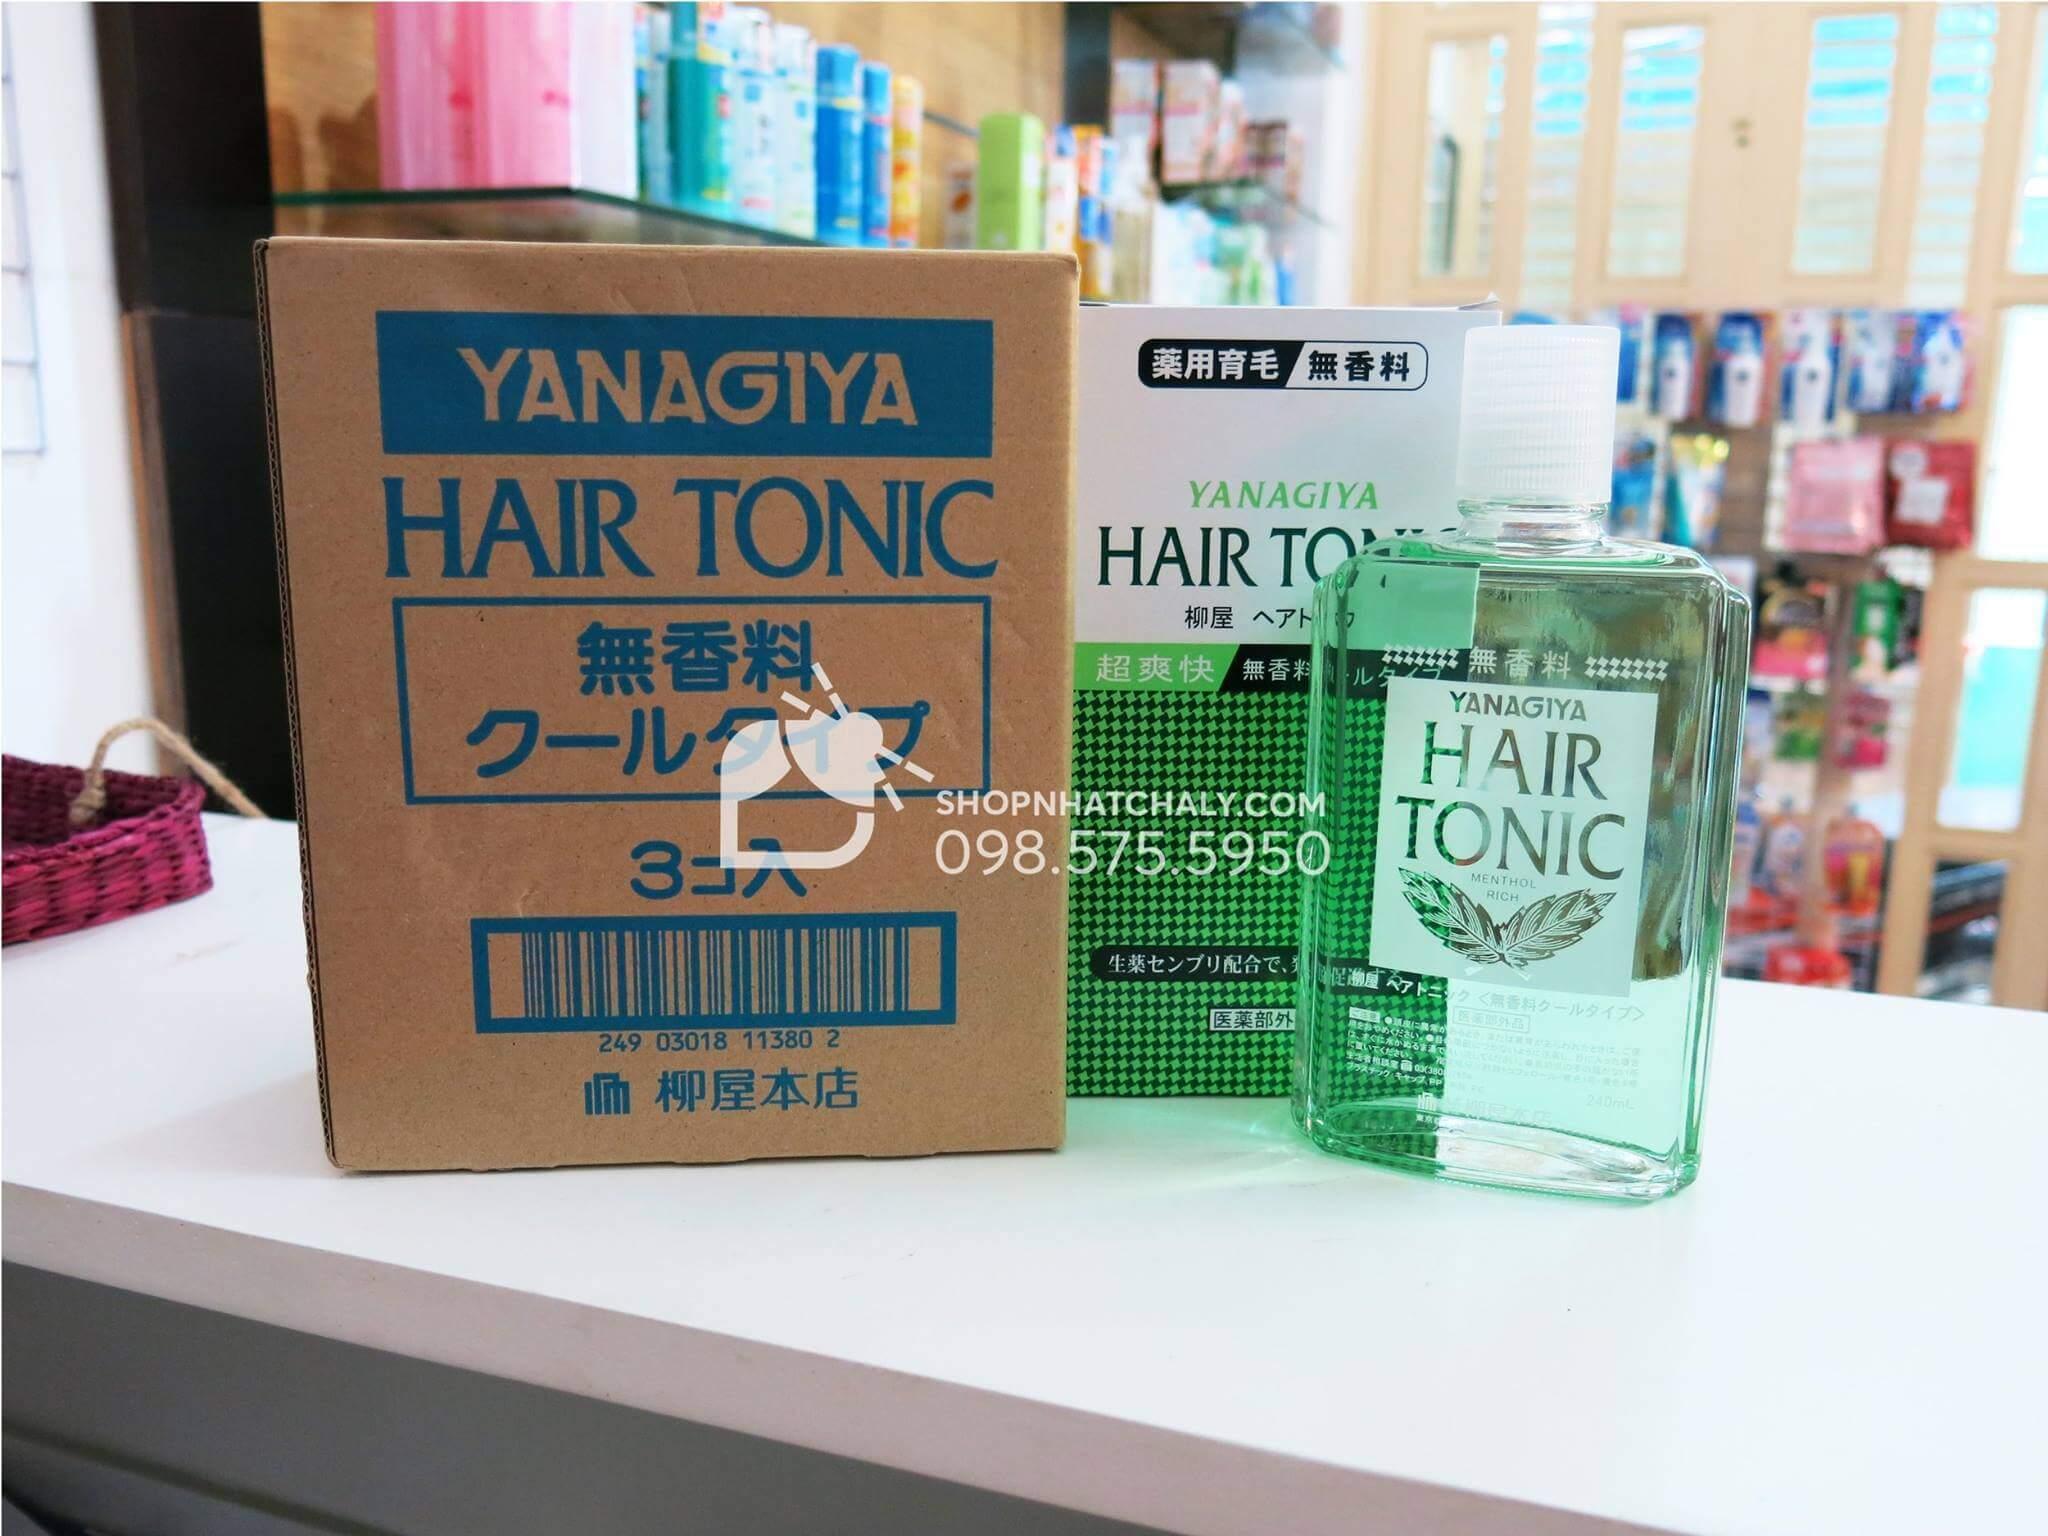 Thuốc mọc tóc Nhật Bản không hương liệu, cho da đầu nhạy cảm (xanh nhạt)